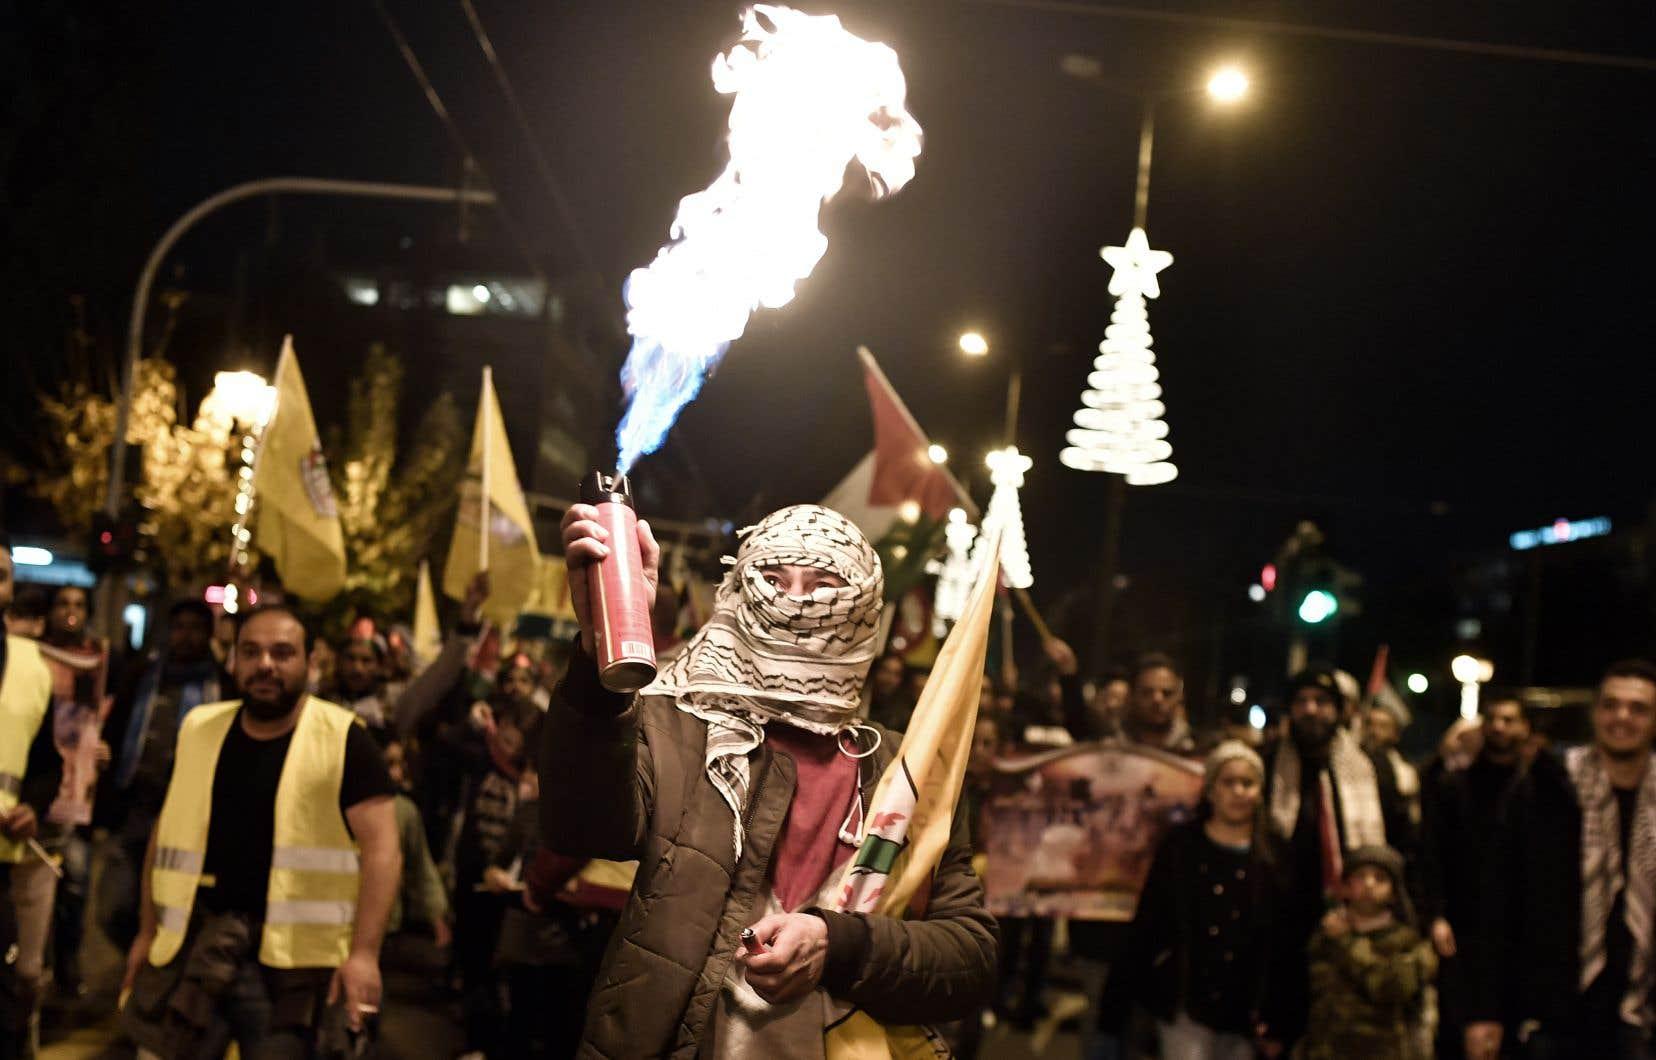 La décision de Donald Trump a déclenché la colère des Palestiniens, des manifestations dans le monde musulman et une réprobation quasi unanime de la communauté internationale.